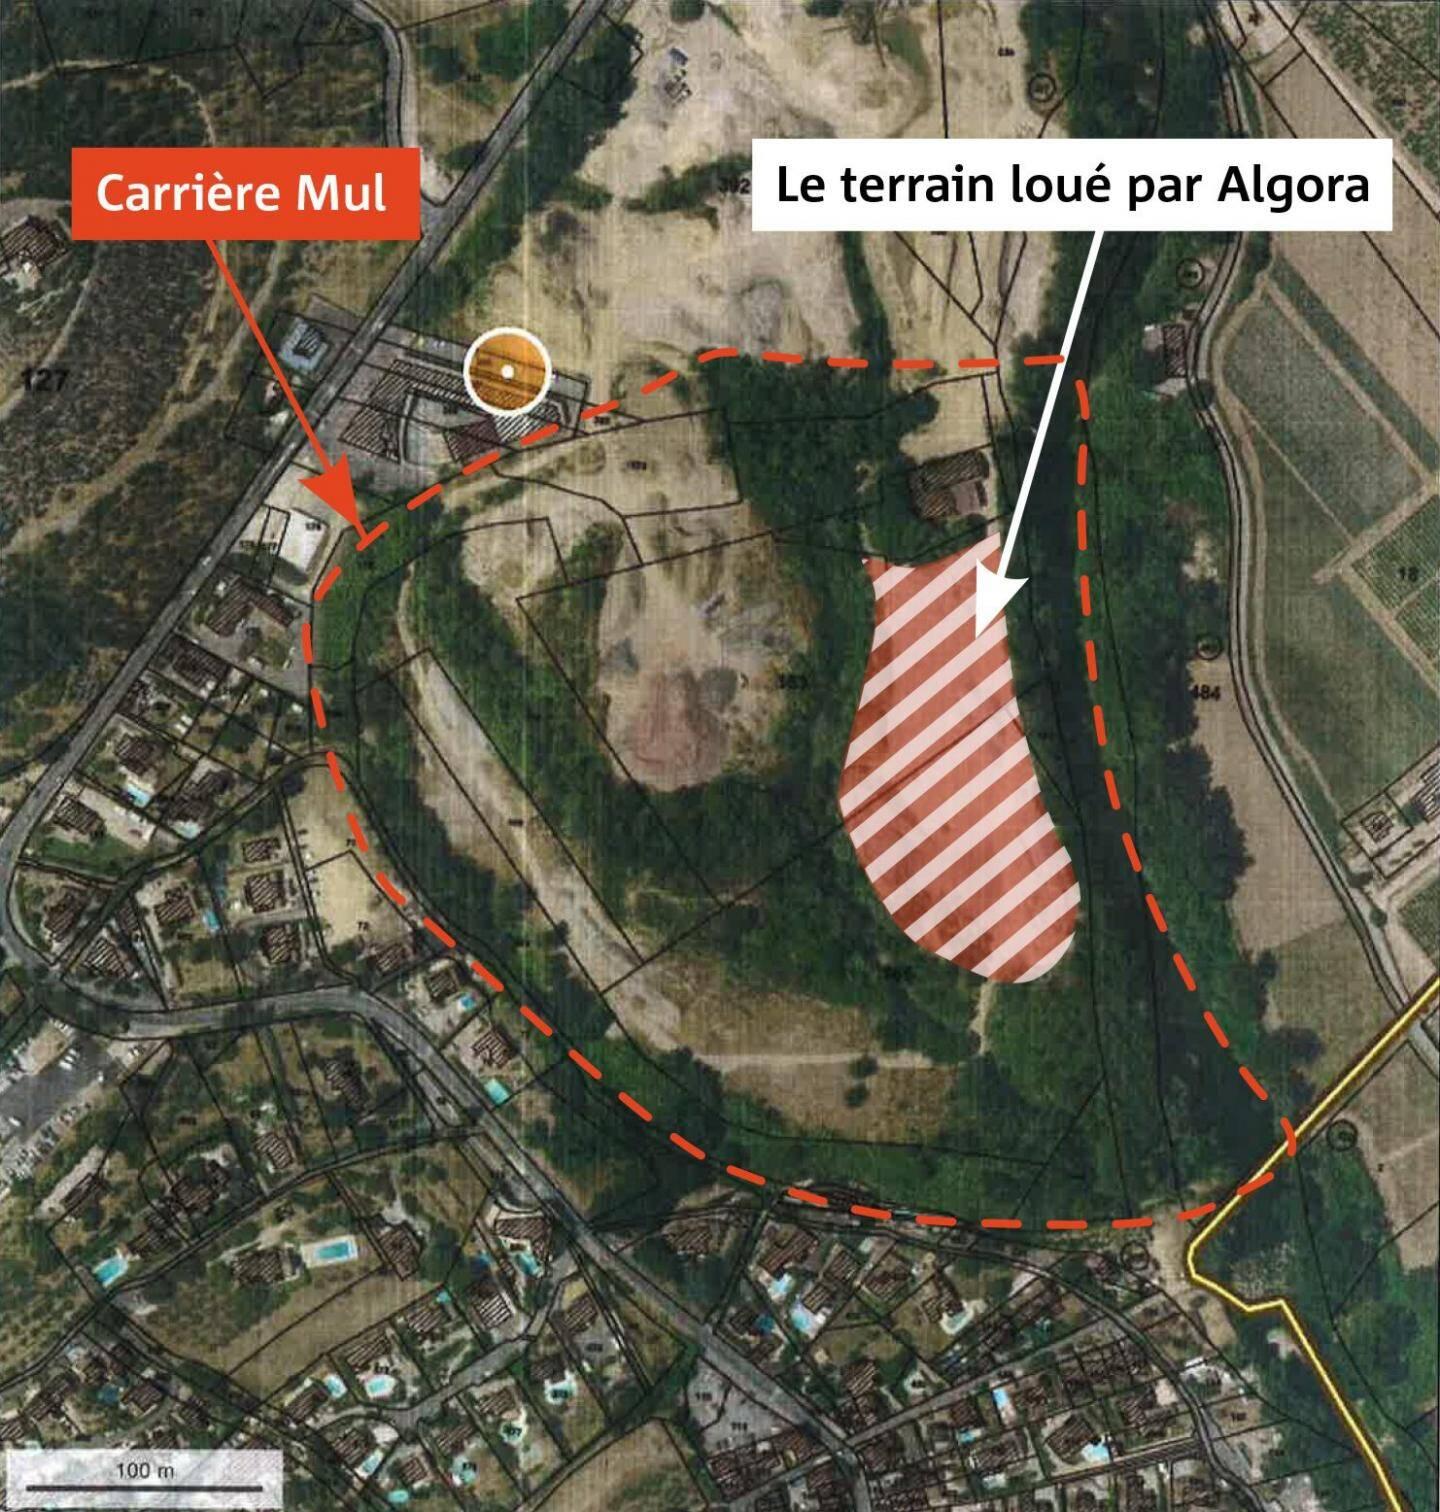 Vue aérienne du terrain où la société Algora projetait de s'installer.